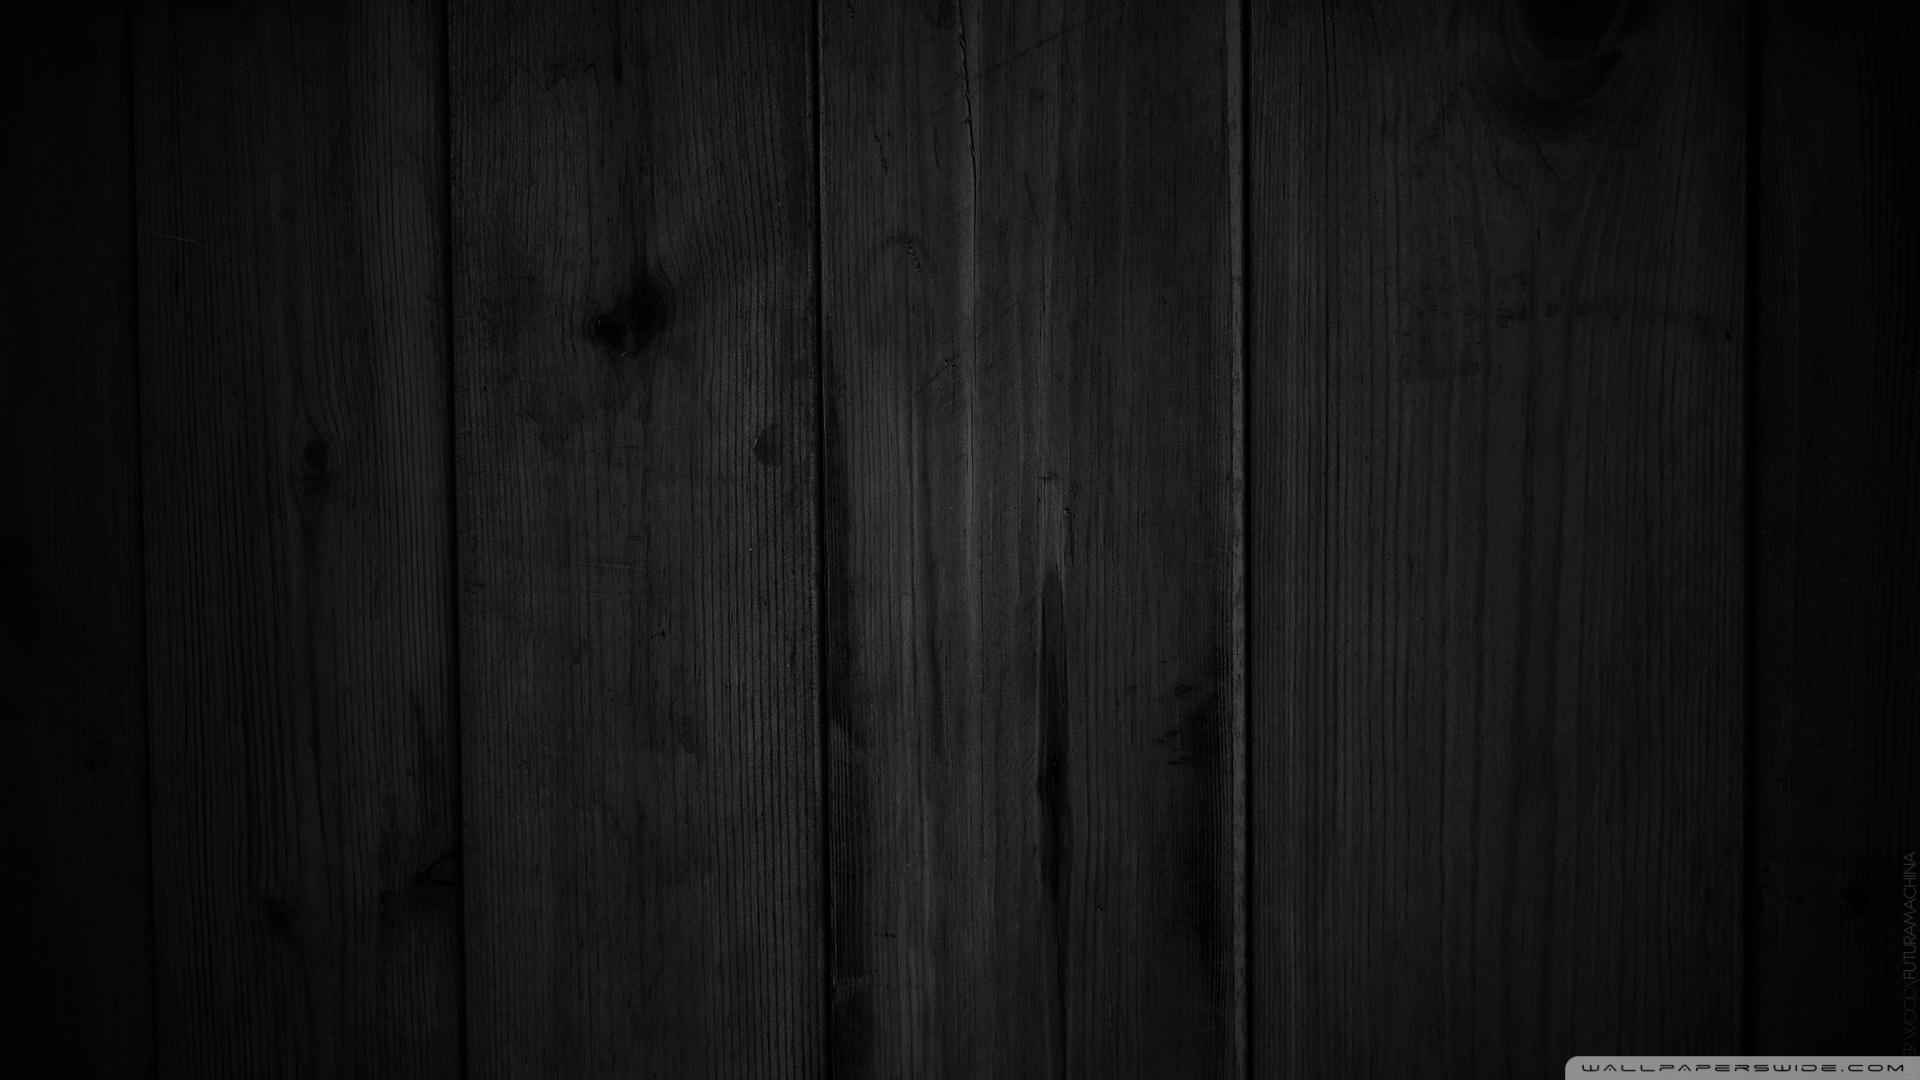 Dark Wood Wall Wallpaper 1920x1080 Dark Wood Wall 1920x1080